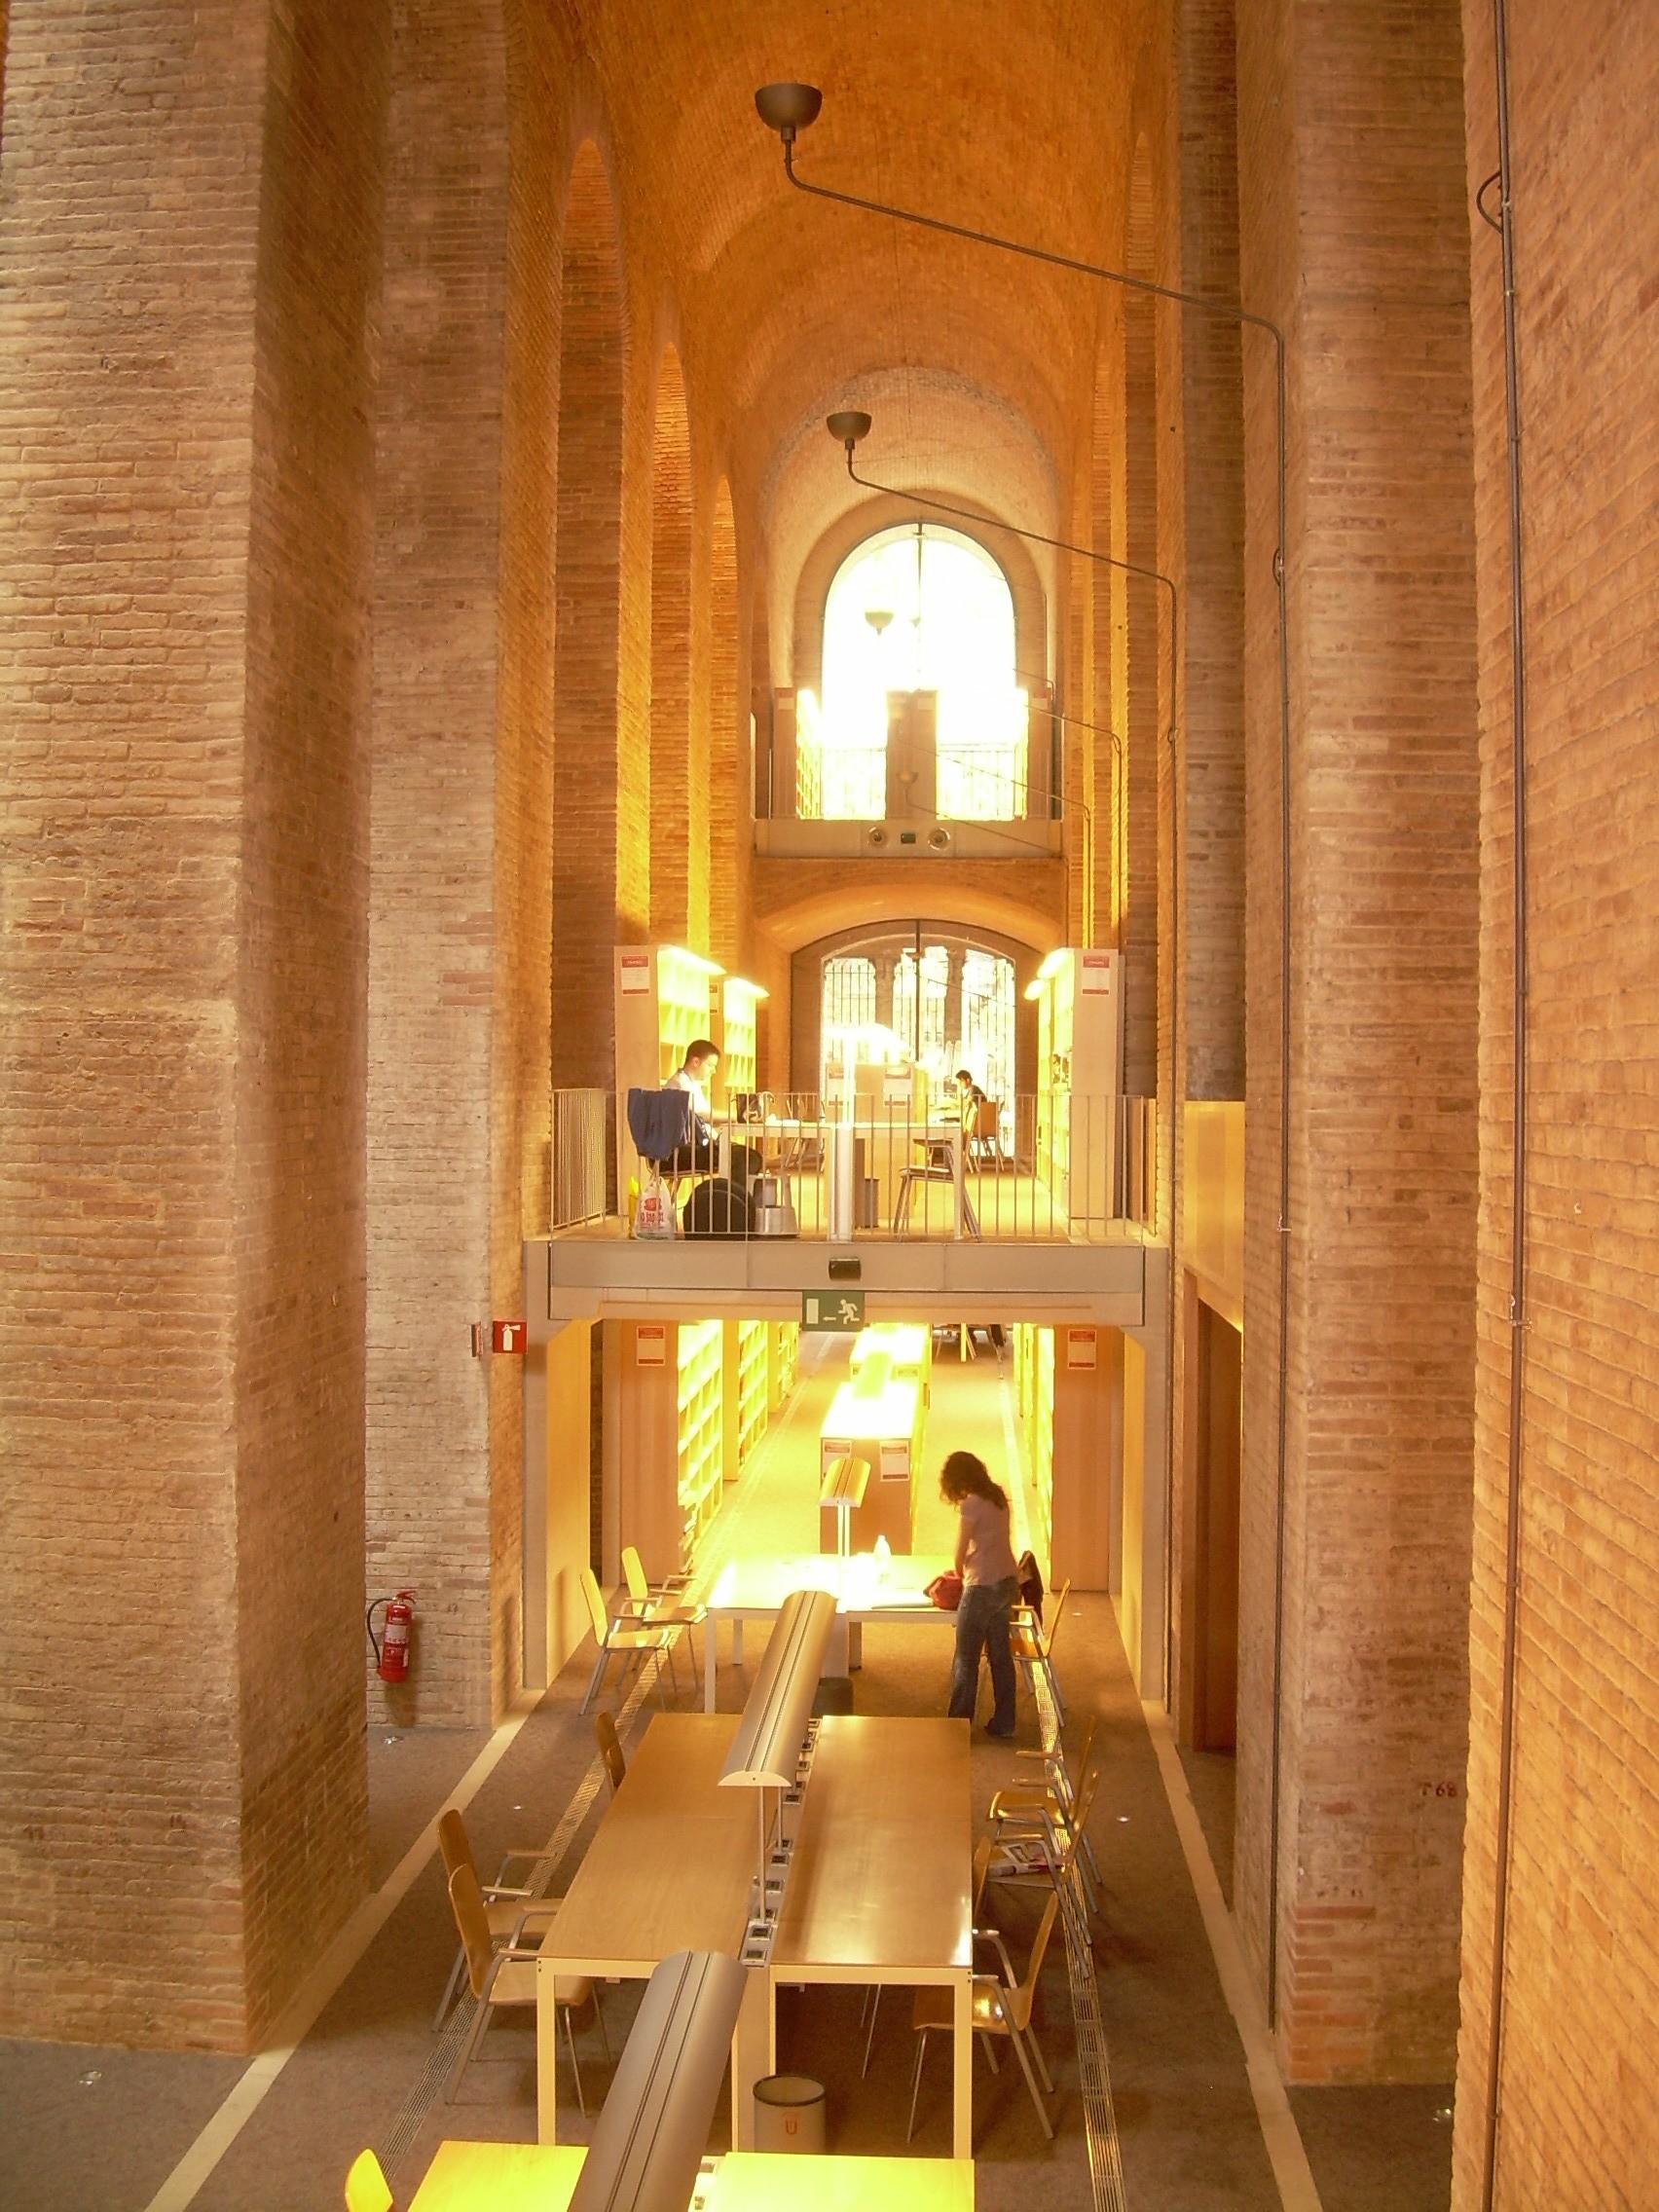 Esperienza all'Università Pompeu Fabra, Spagna, di Agustí